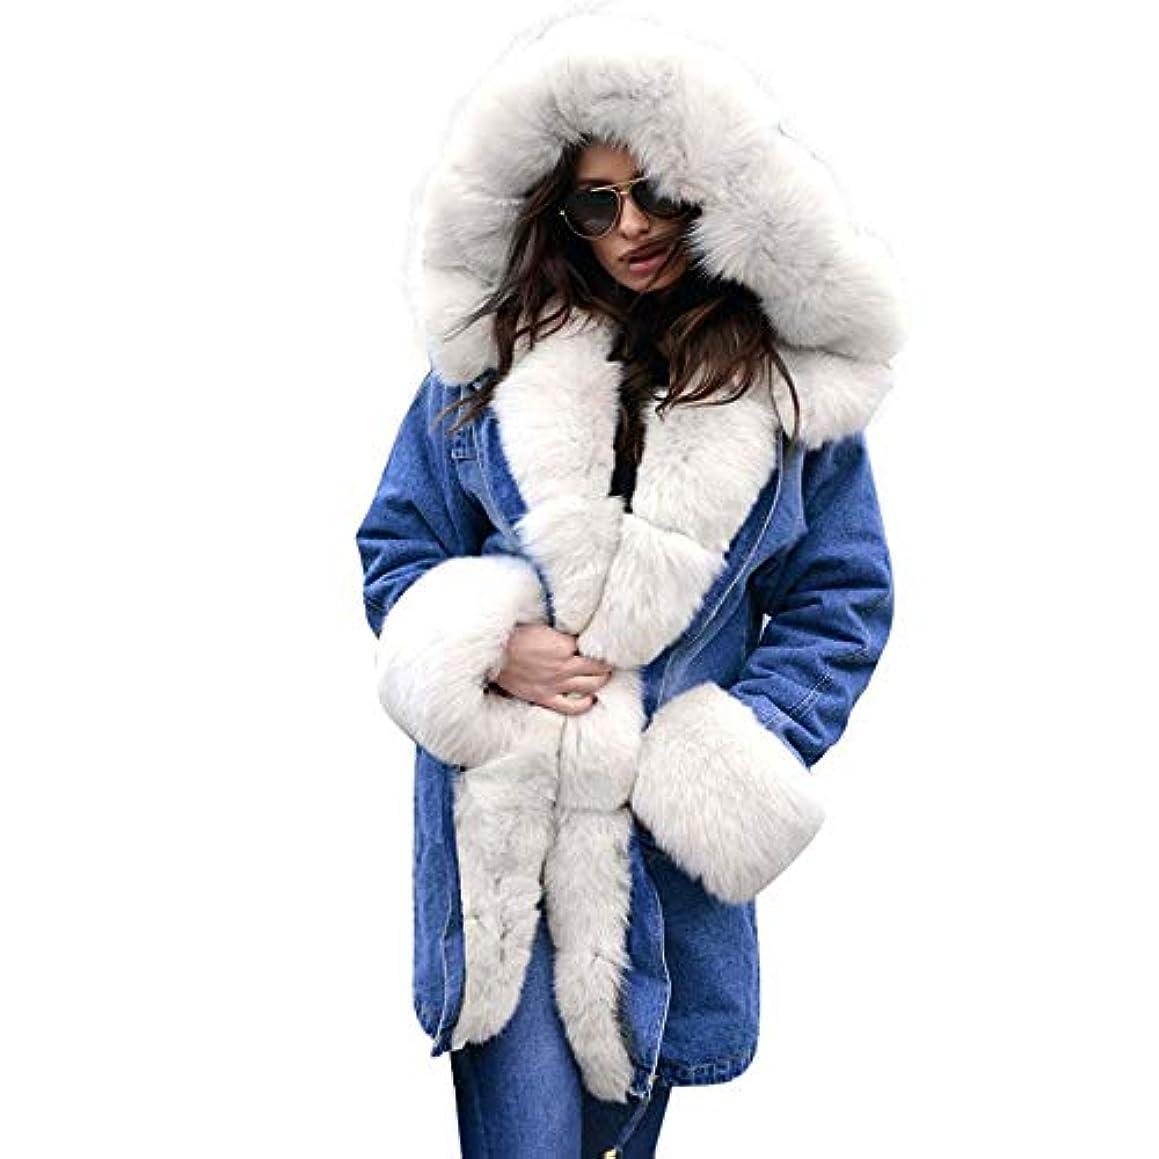 コロニアル無視キャンペーンファッションウィンタージャケット女性ウォームコートフェイクファーコットンフリースオーバーコート女性ロングフードコートパーカスパーカー,L